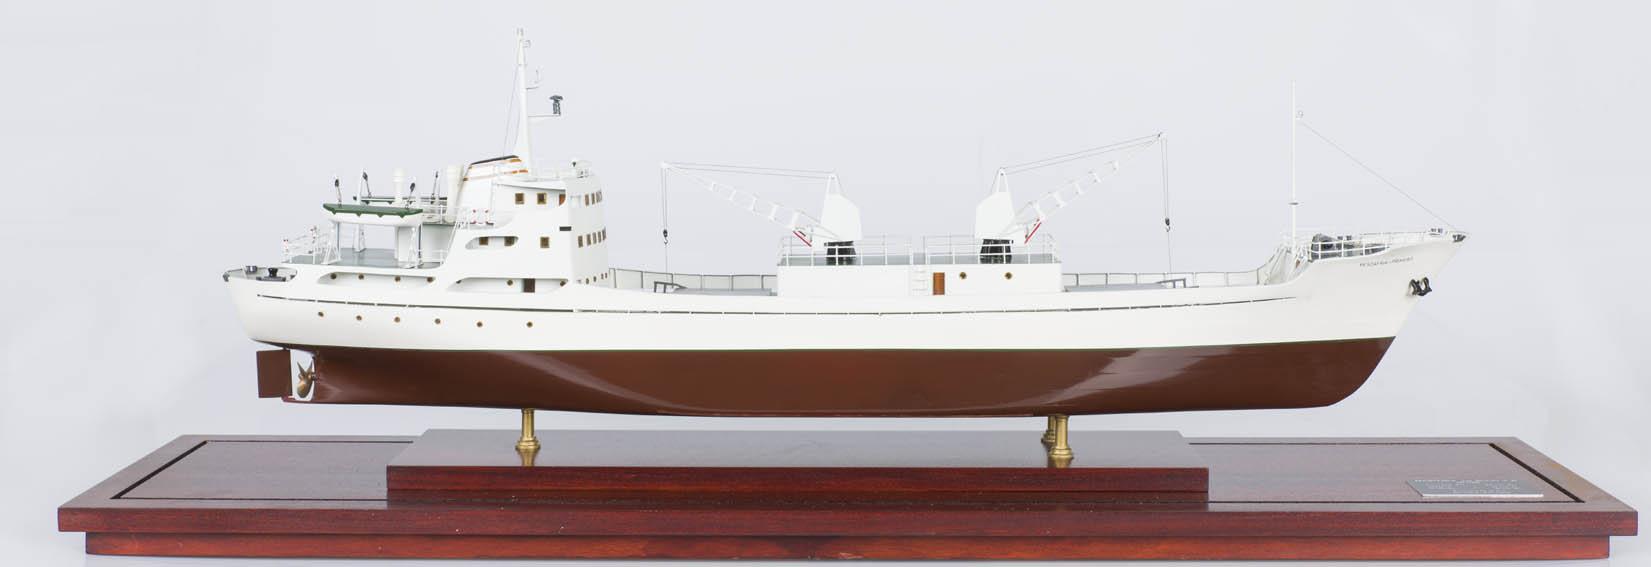 Modelo a escala del buque frigorífico